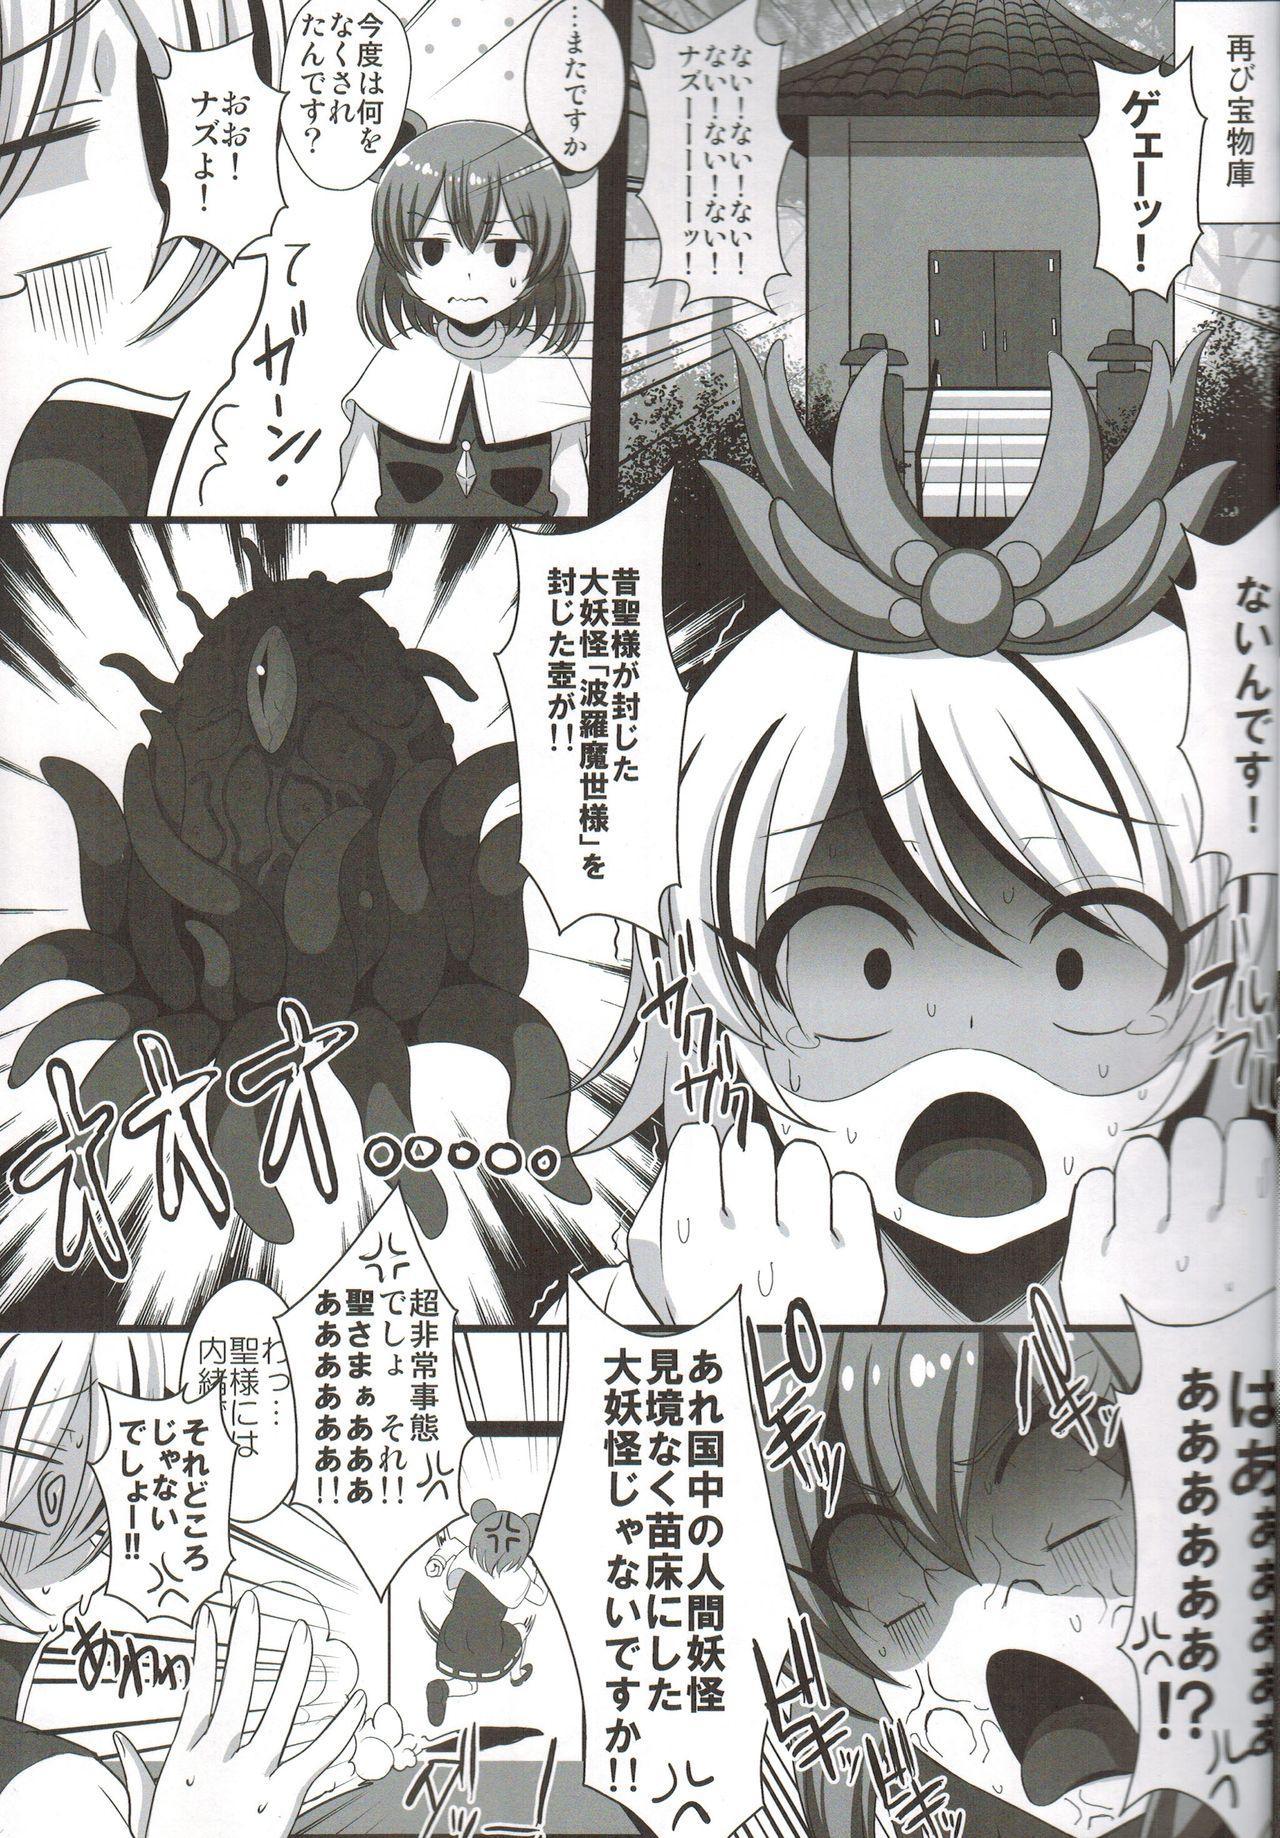 Shokushufuku de Mugen Zecchou 4